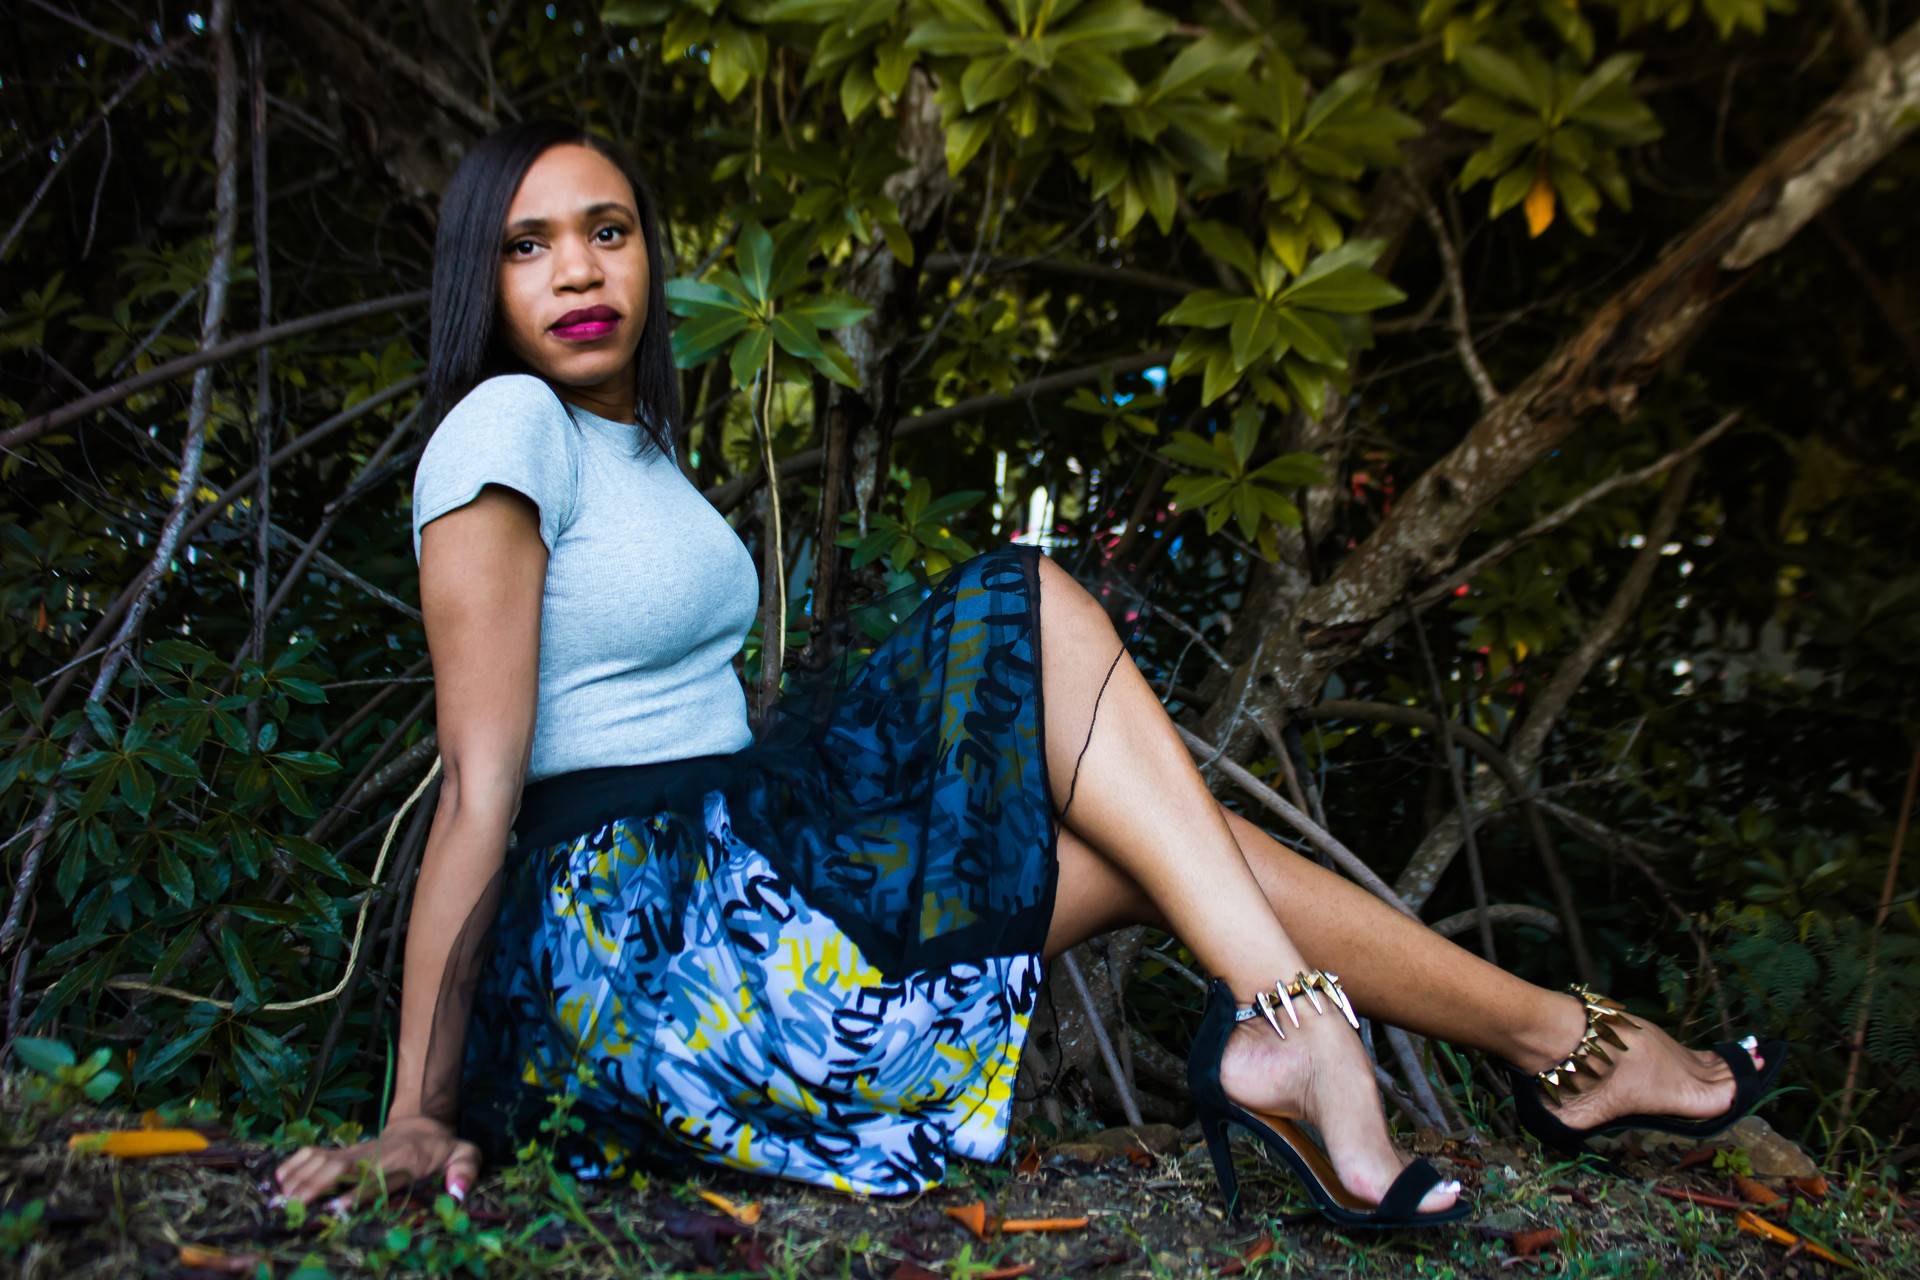 Model: Lauren George Photographer: Isaiah Jacobs